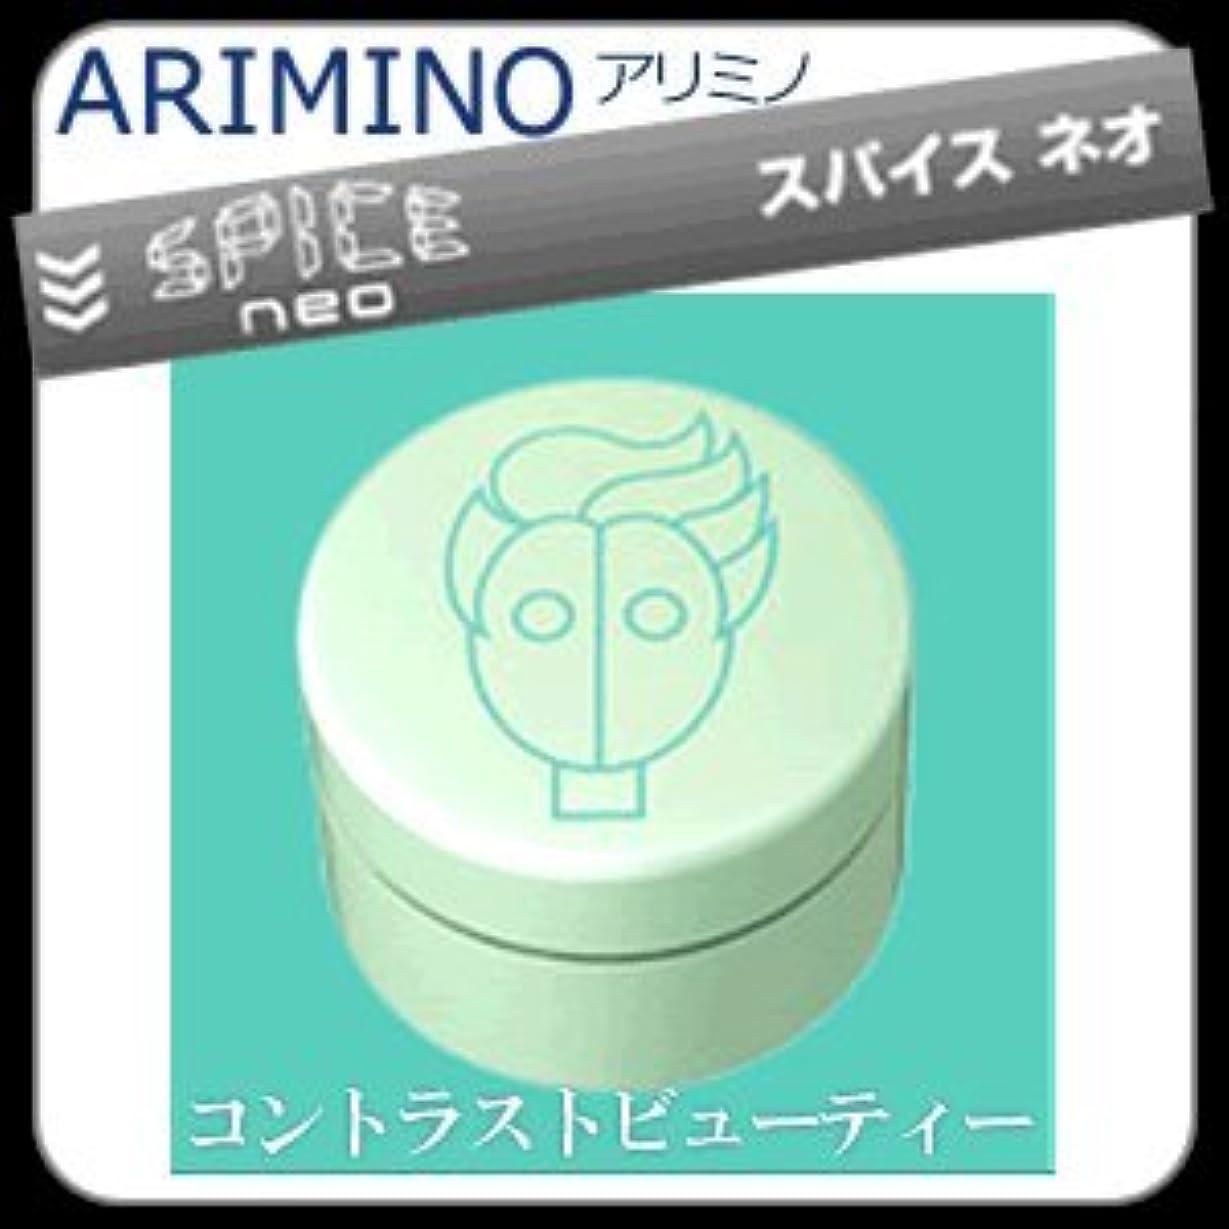 調整可能味方白鳥【X3個セット】 アリミノ スパイスネオ GREASE-WAX グリースワックス 100g ARIMINO SPICE neo